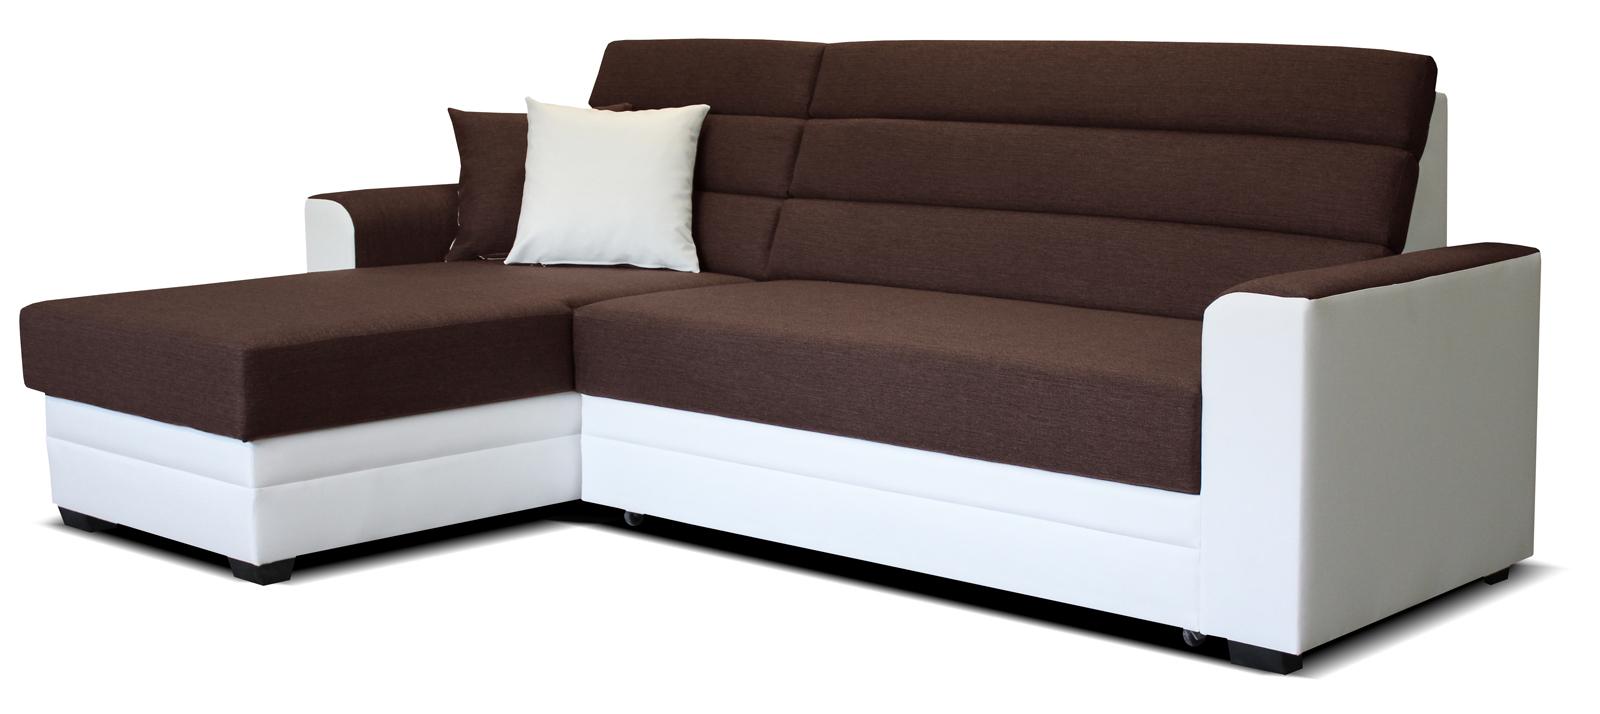 Rohová sedací souprava - Po-Sed - Ulm L+2F (hnědá + bílá) (L)